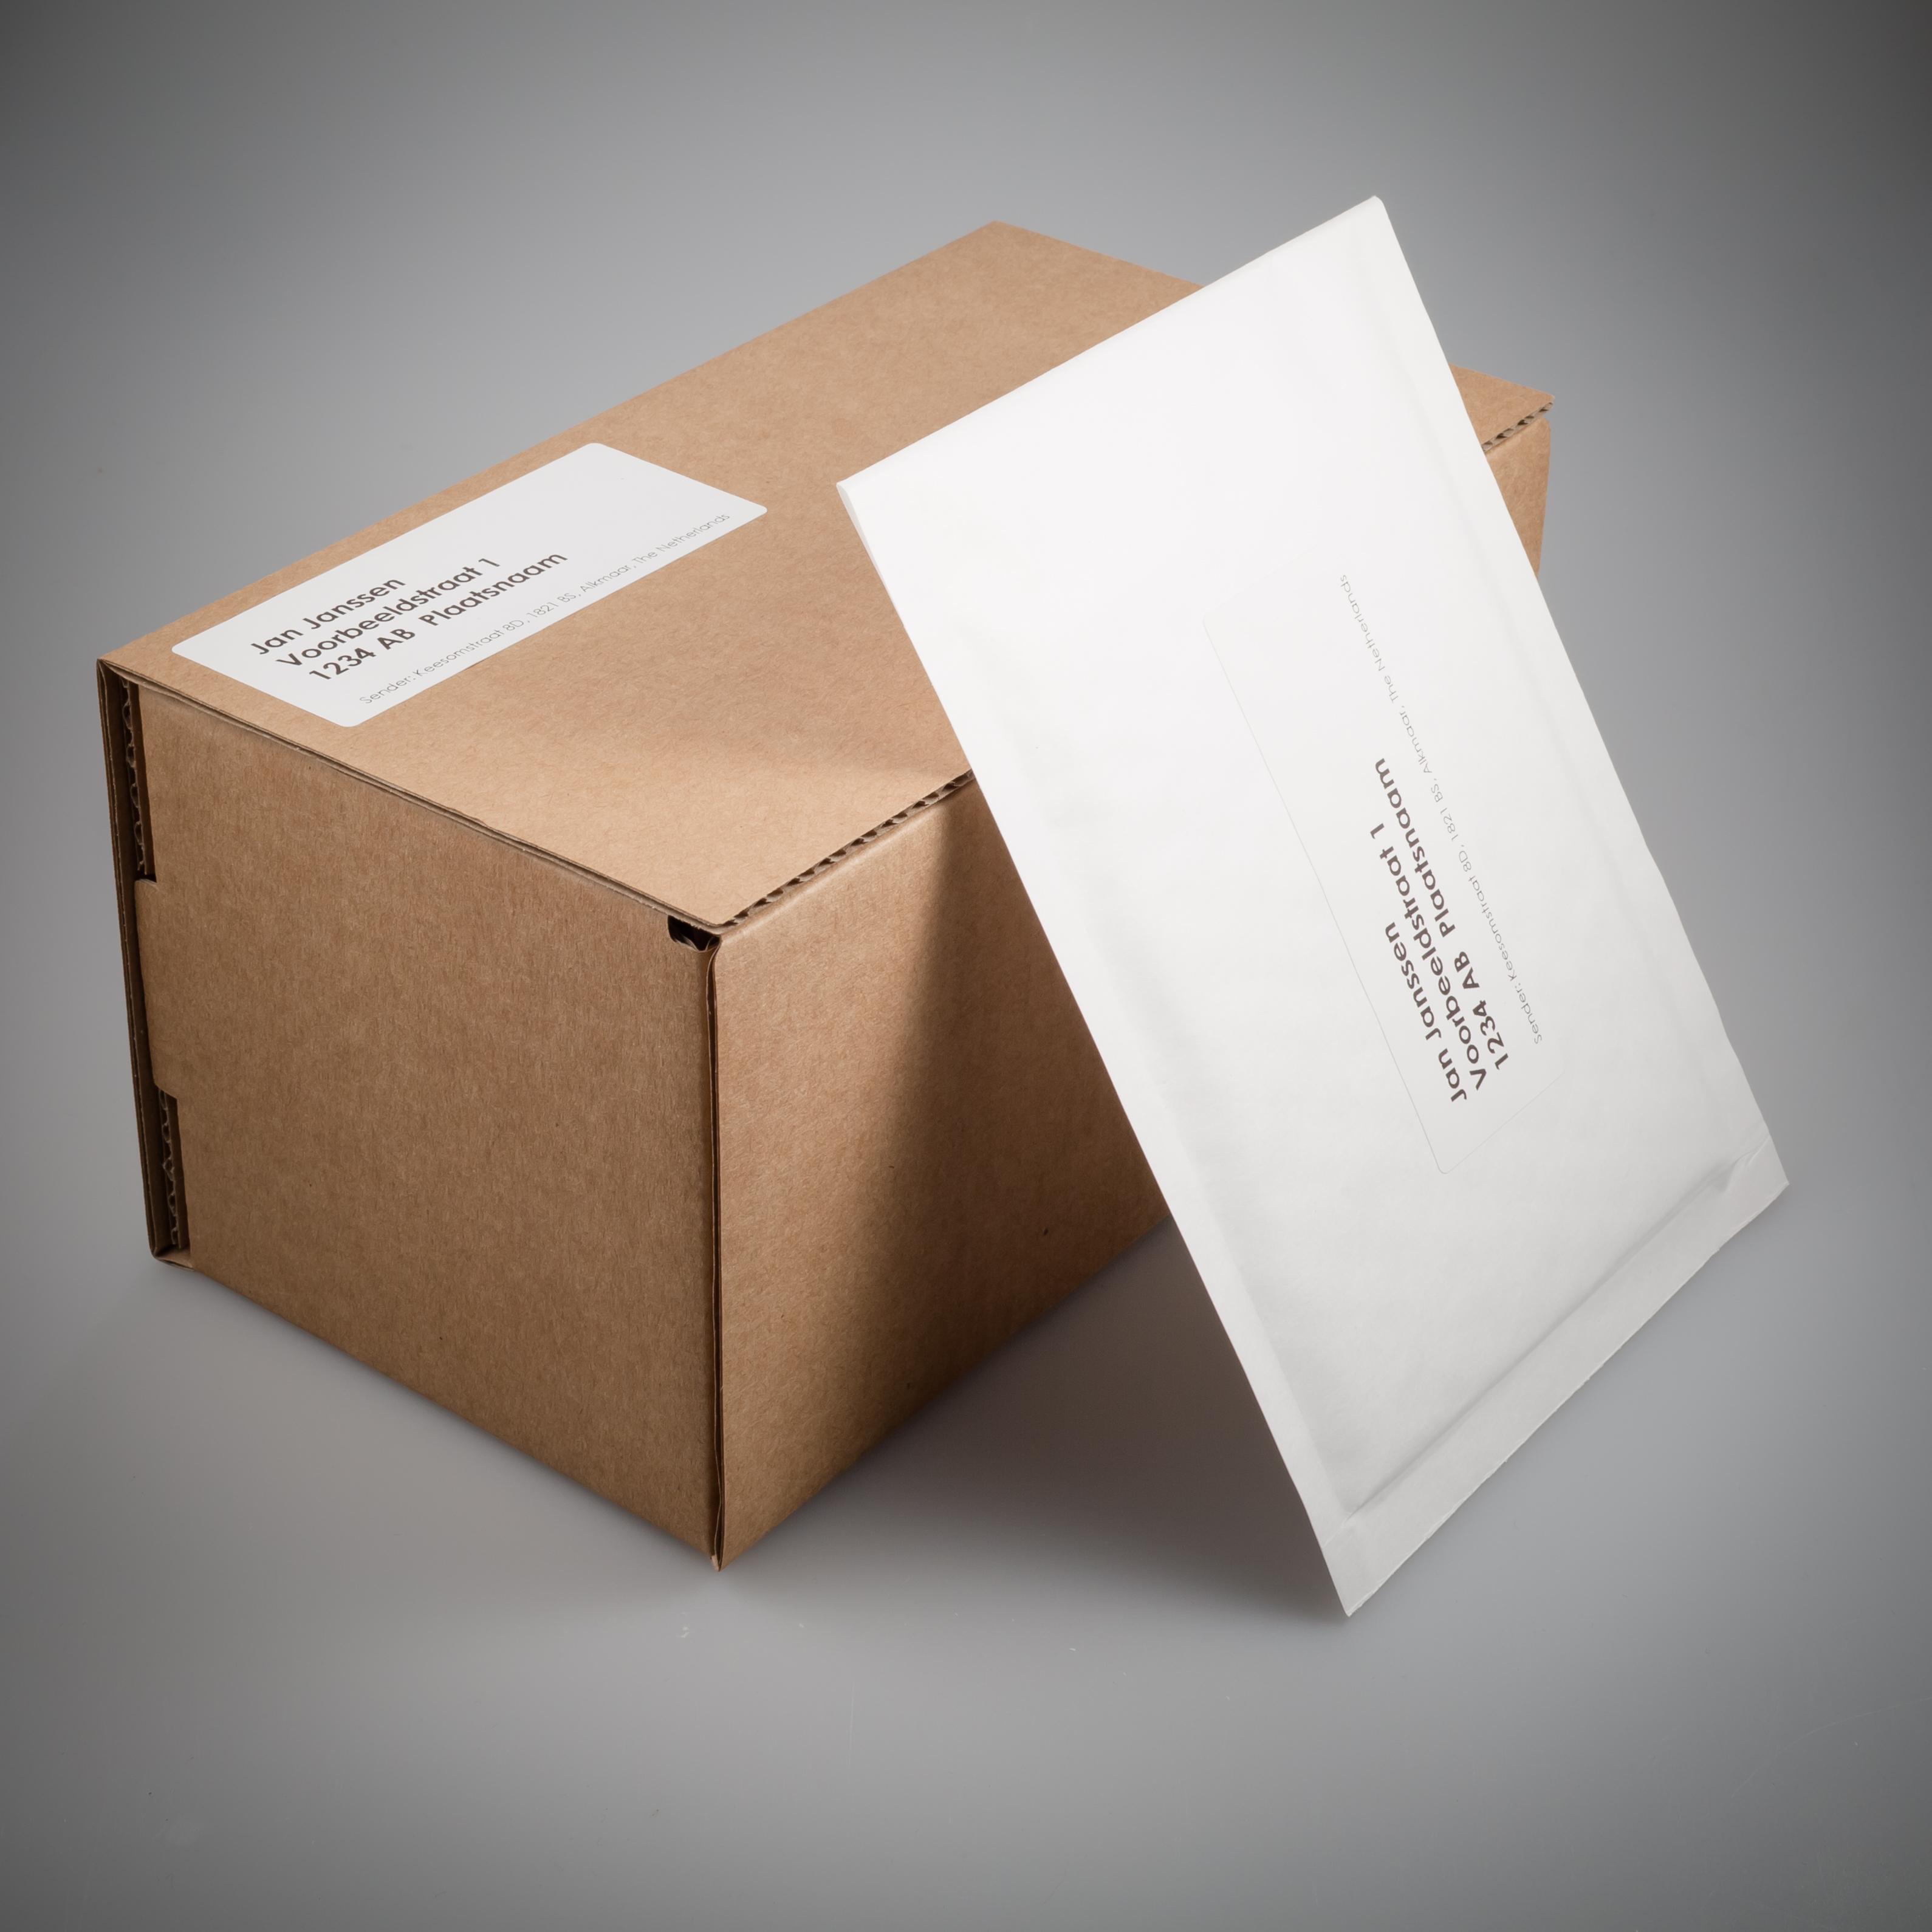 Voorbeeld discrete verpakking All Over Piercings